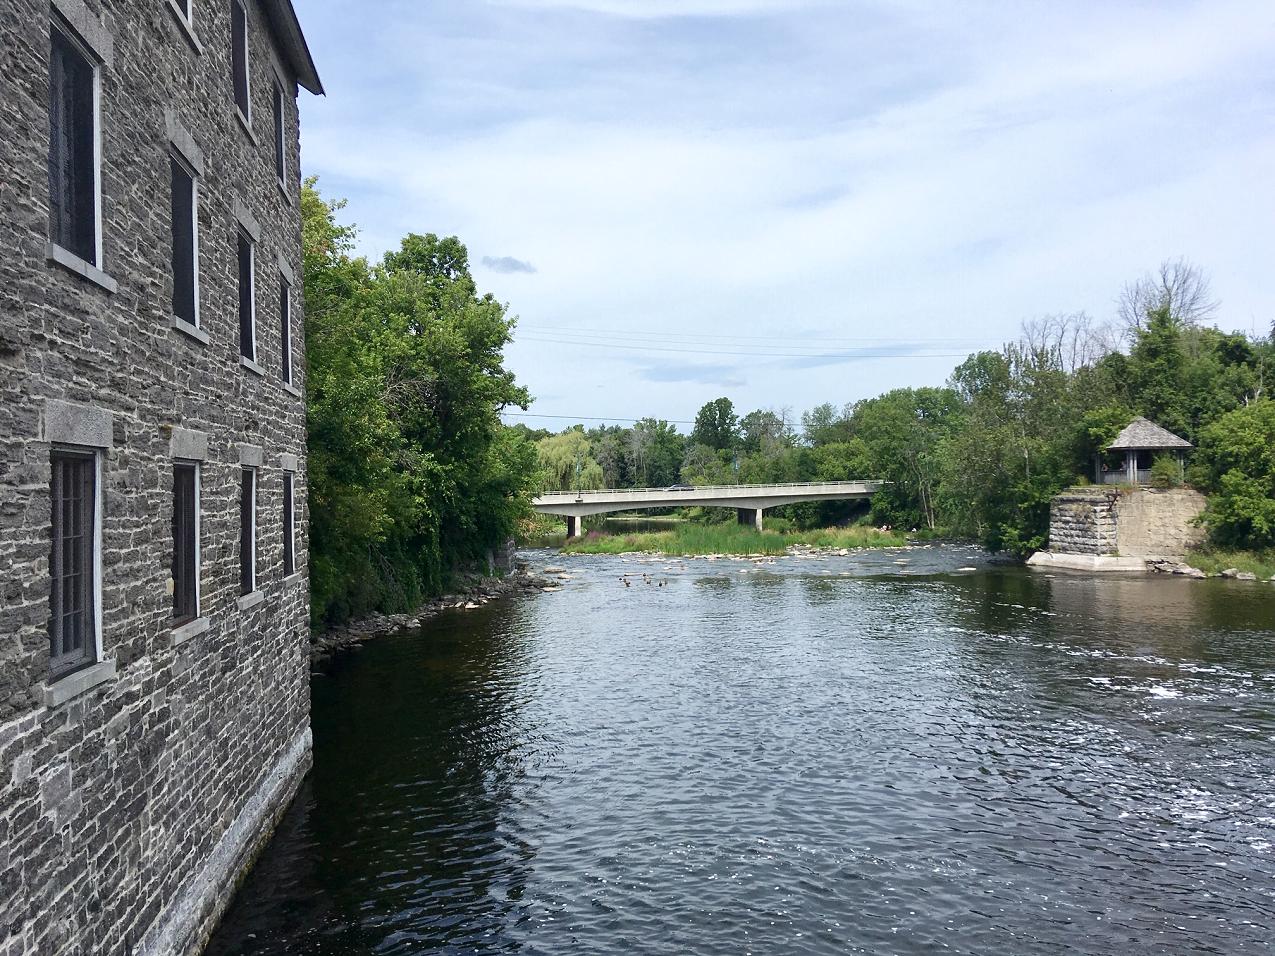 Manotick Ottawa Rideau River Watson's Mill